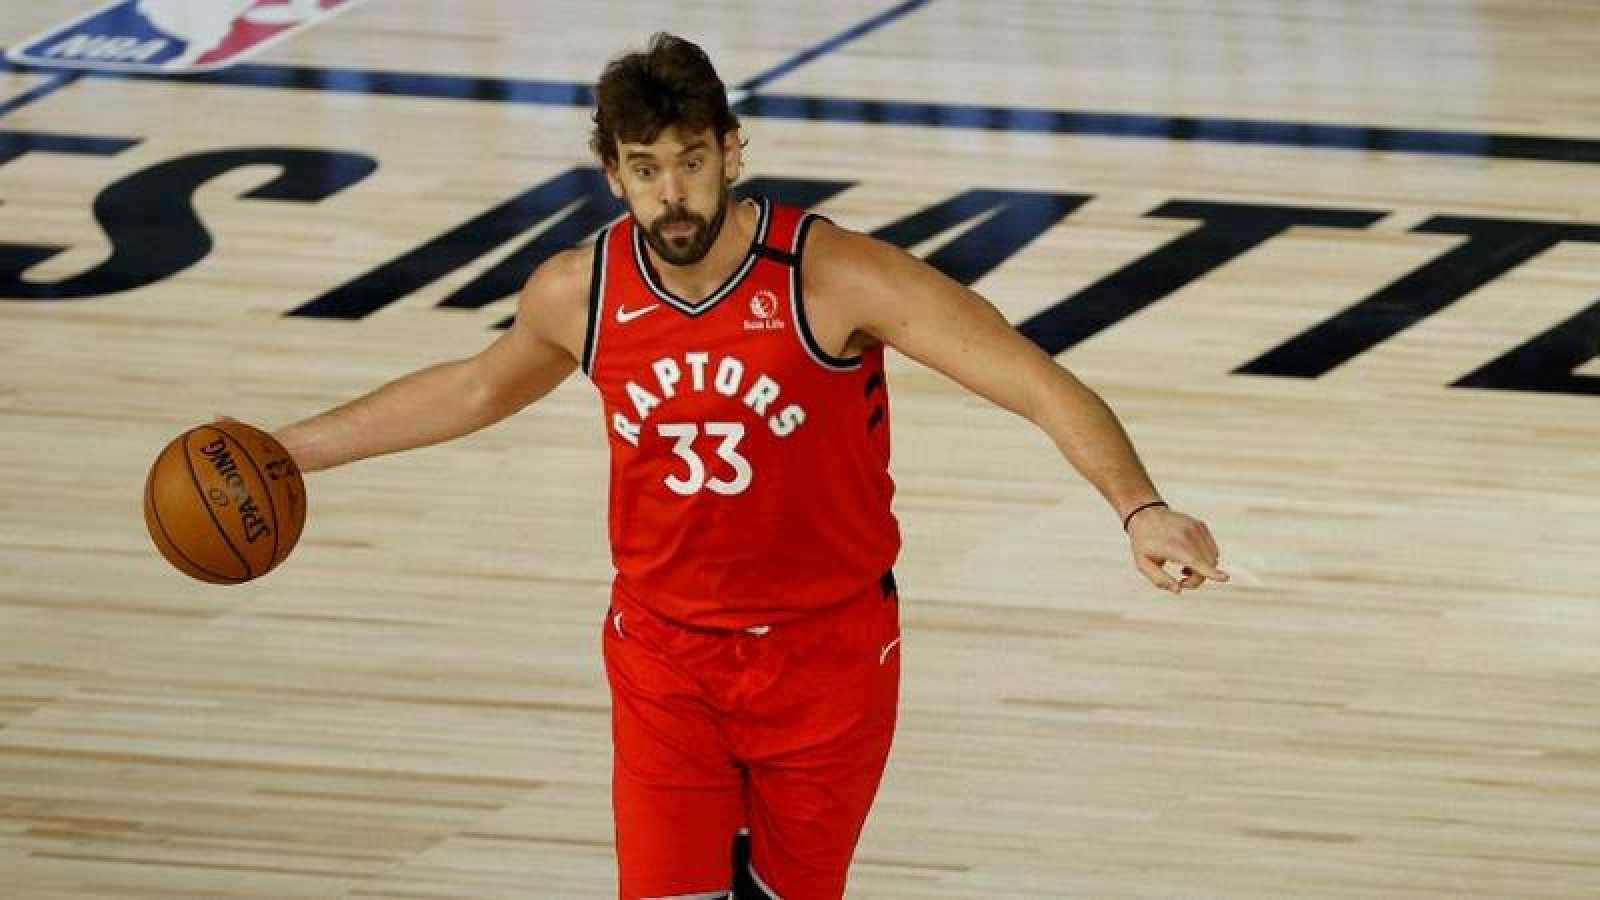 Imagen de Marc Gasol durante un partido de la NBA.